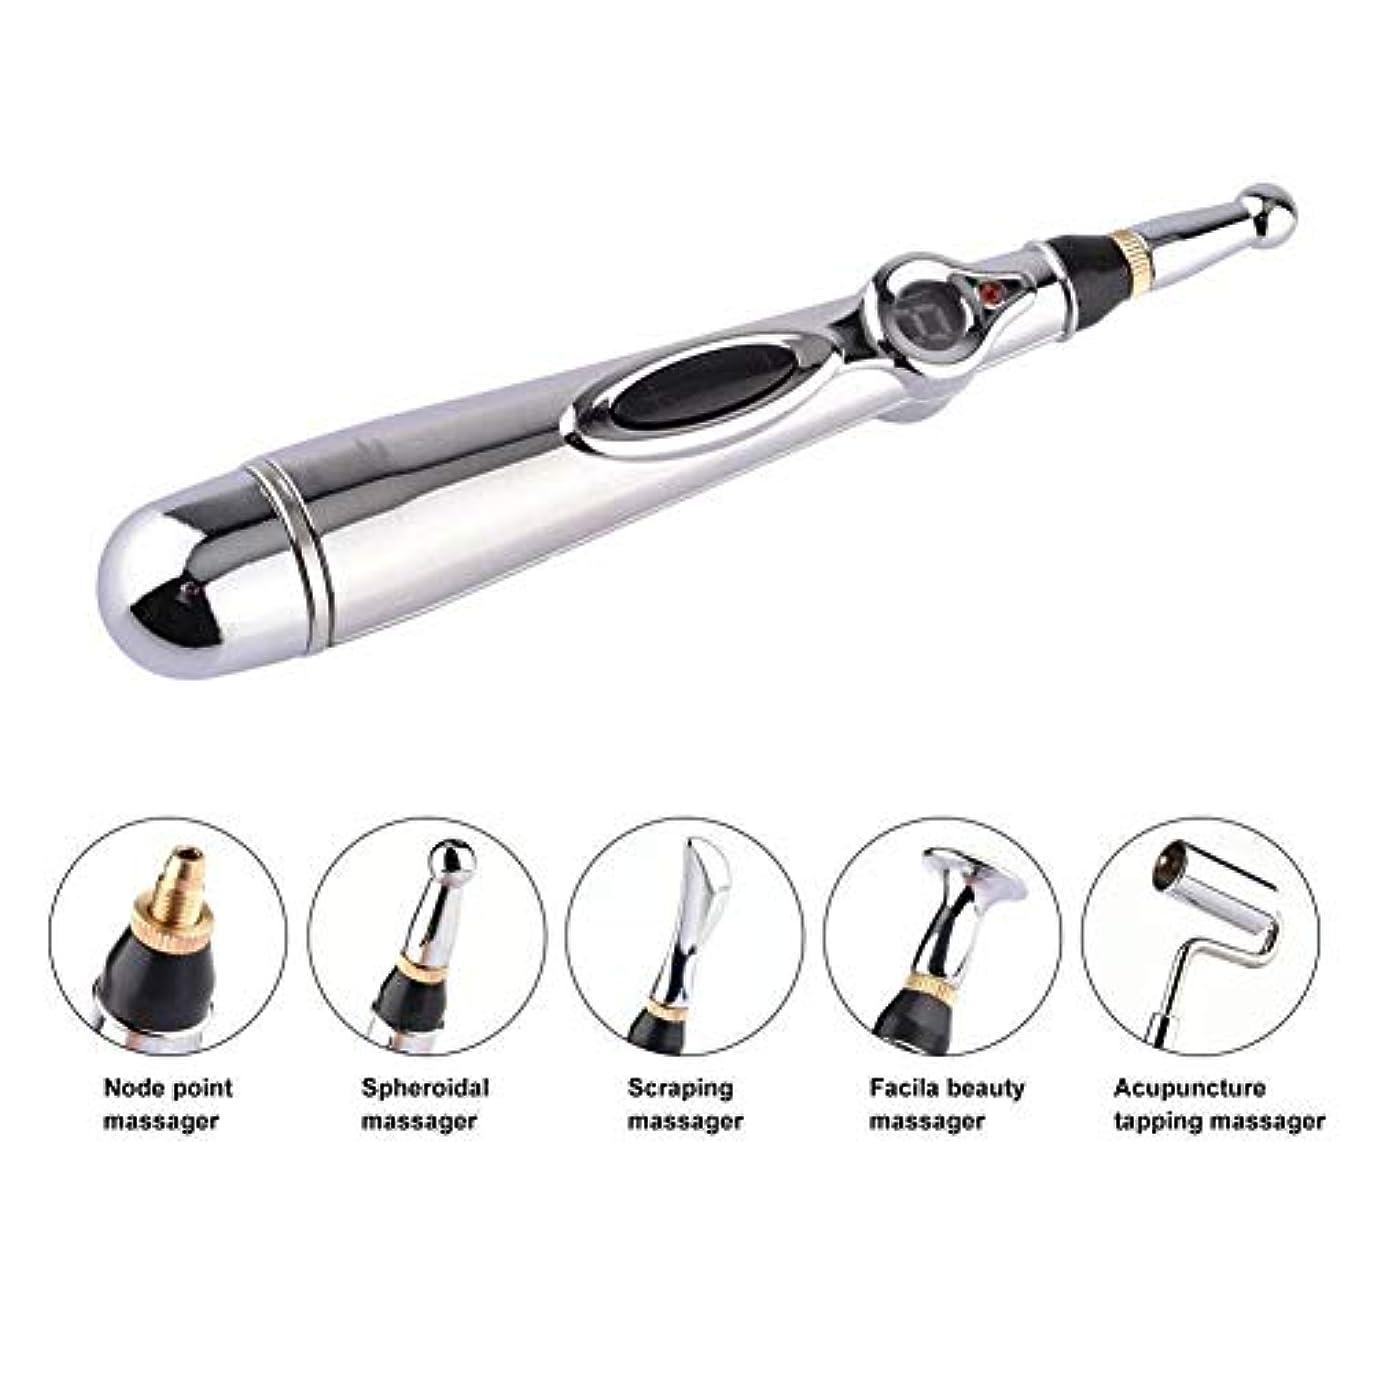 エチケットりんご制約5-in-1電子鍼ペンMeridian Energy Pen Massager 5マッサージヘッド指圧マッサージで体の痛みを軽減